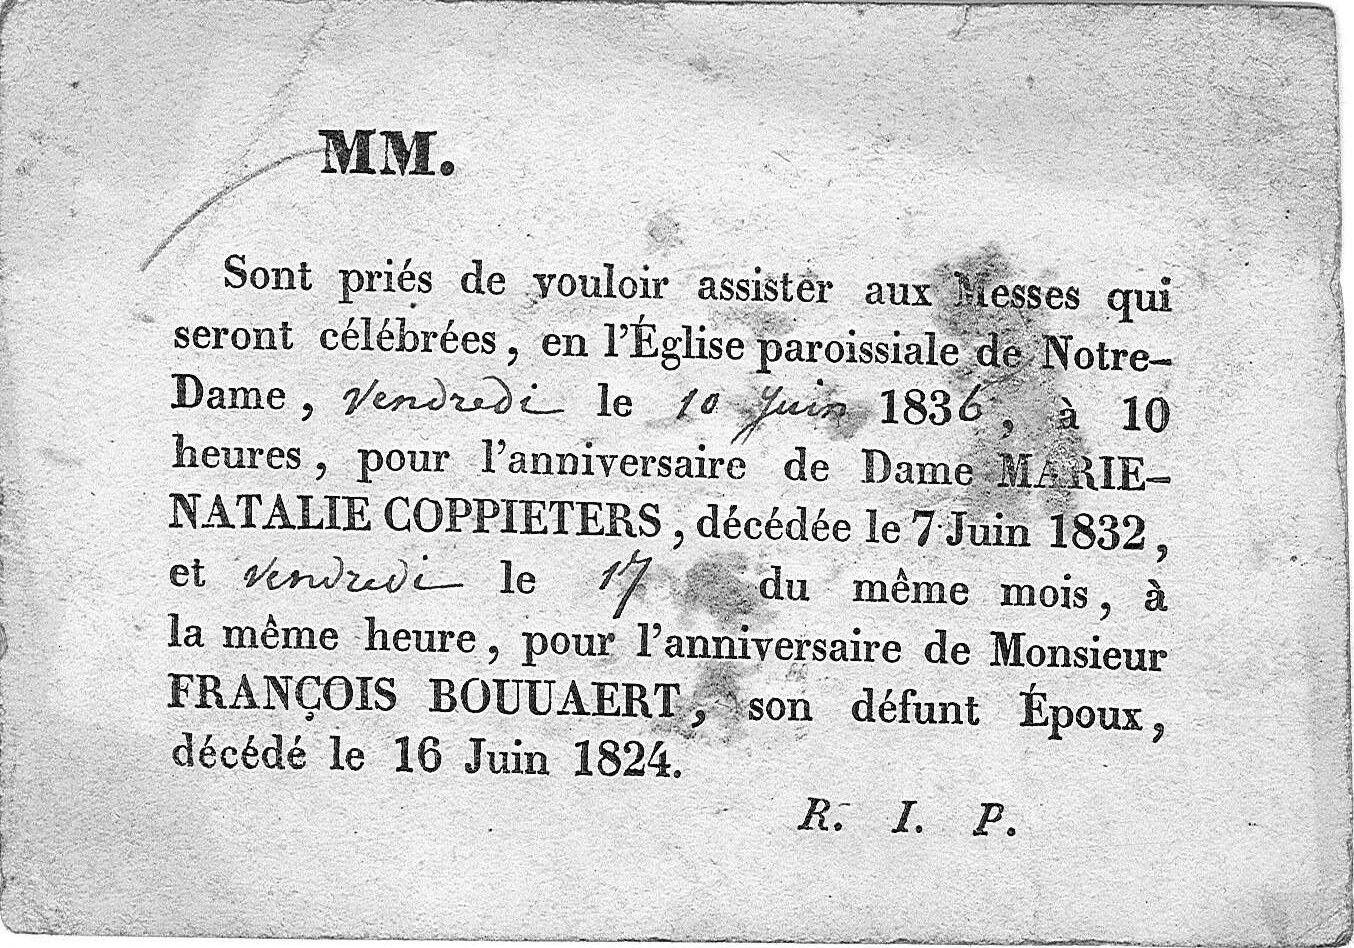 Marie-Natalie-(1832)-20121031120152_00059.jpg